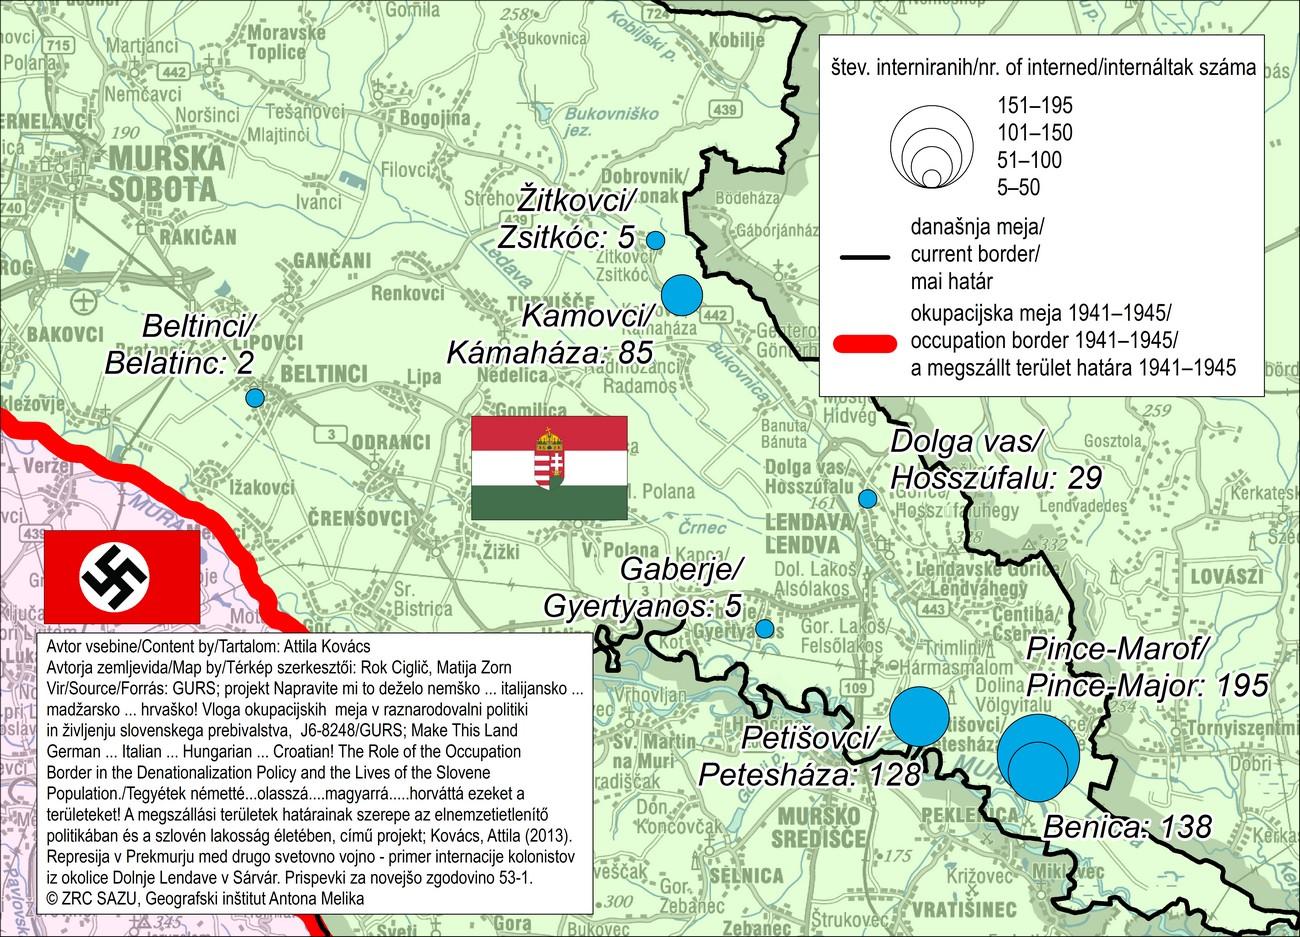 Število v Sárvár interniranih primorskih kolonistov iz okolice Dolnje Lendave leta 1942, po naseljih.